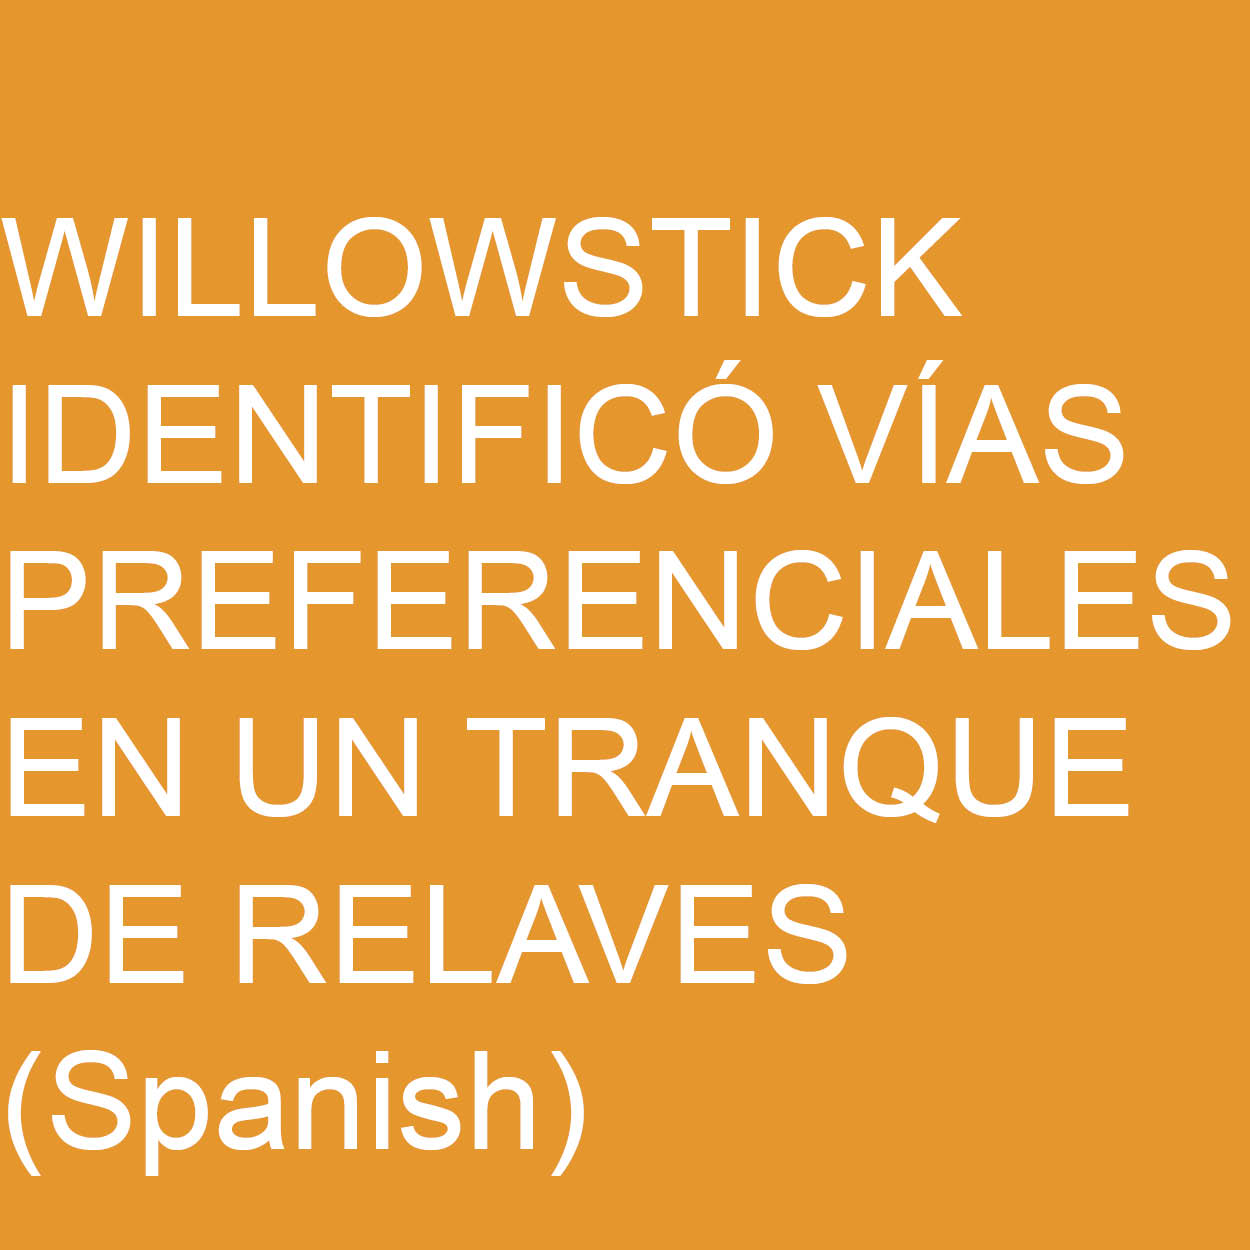 Willowstick Identifico via preferencialies en un tranque de relaves.jpg